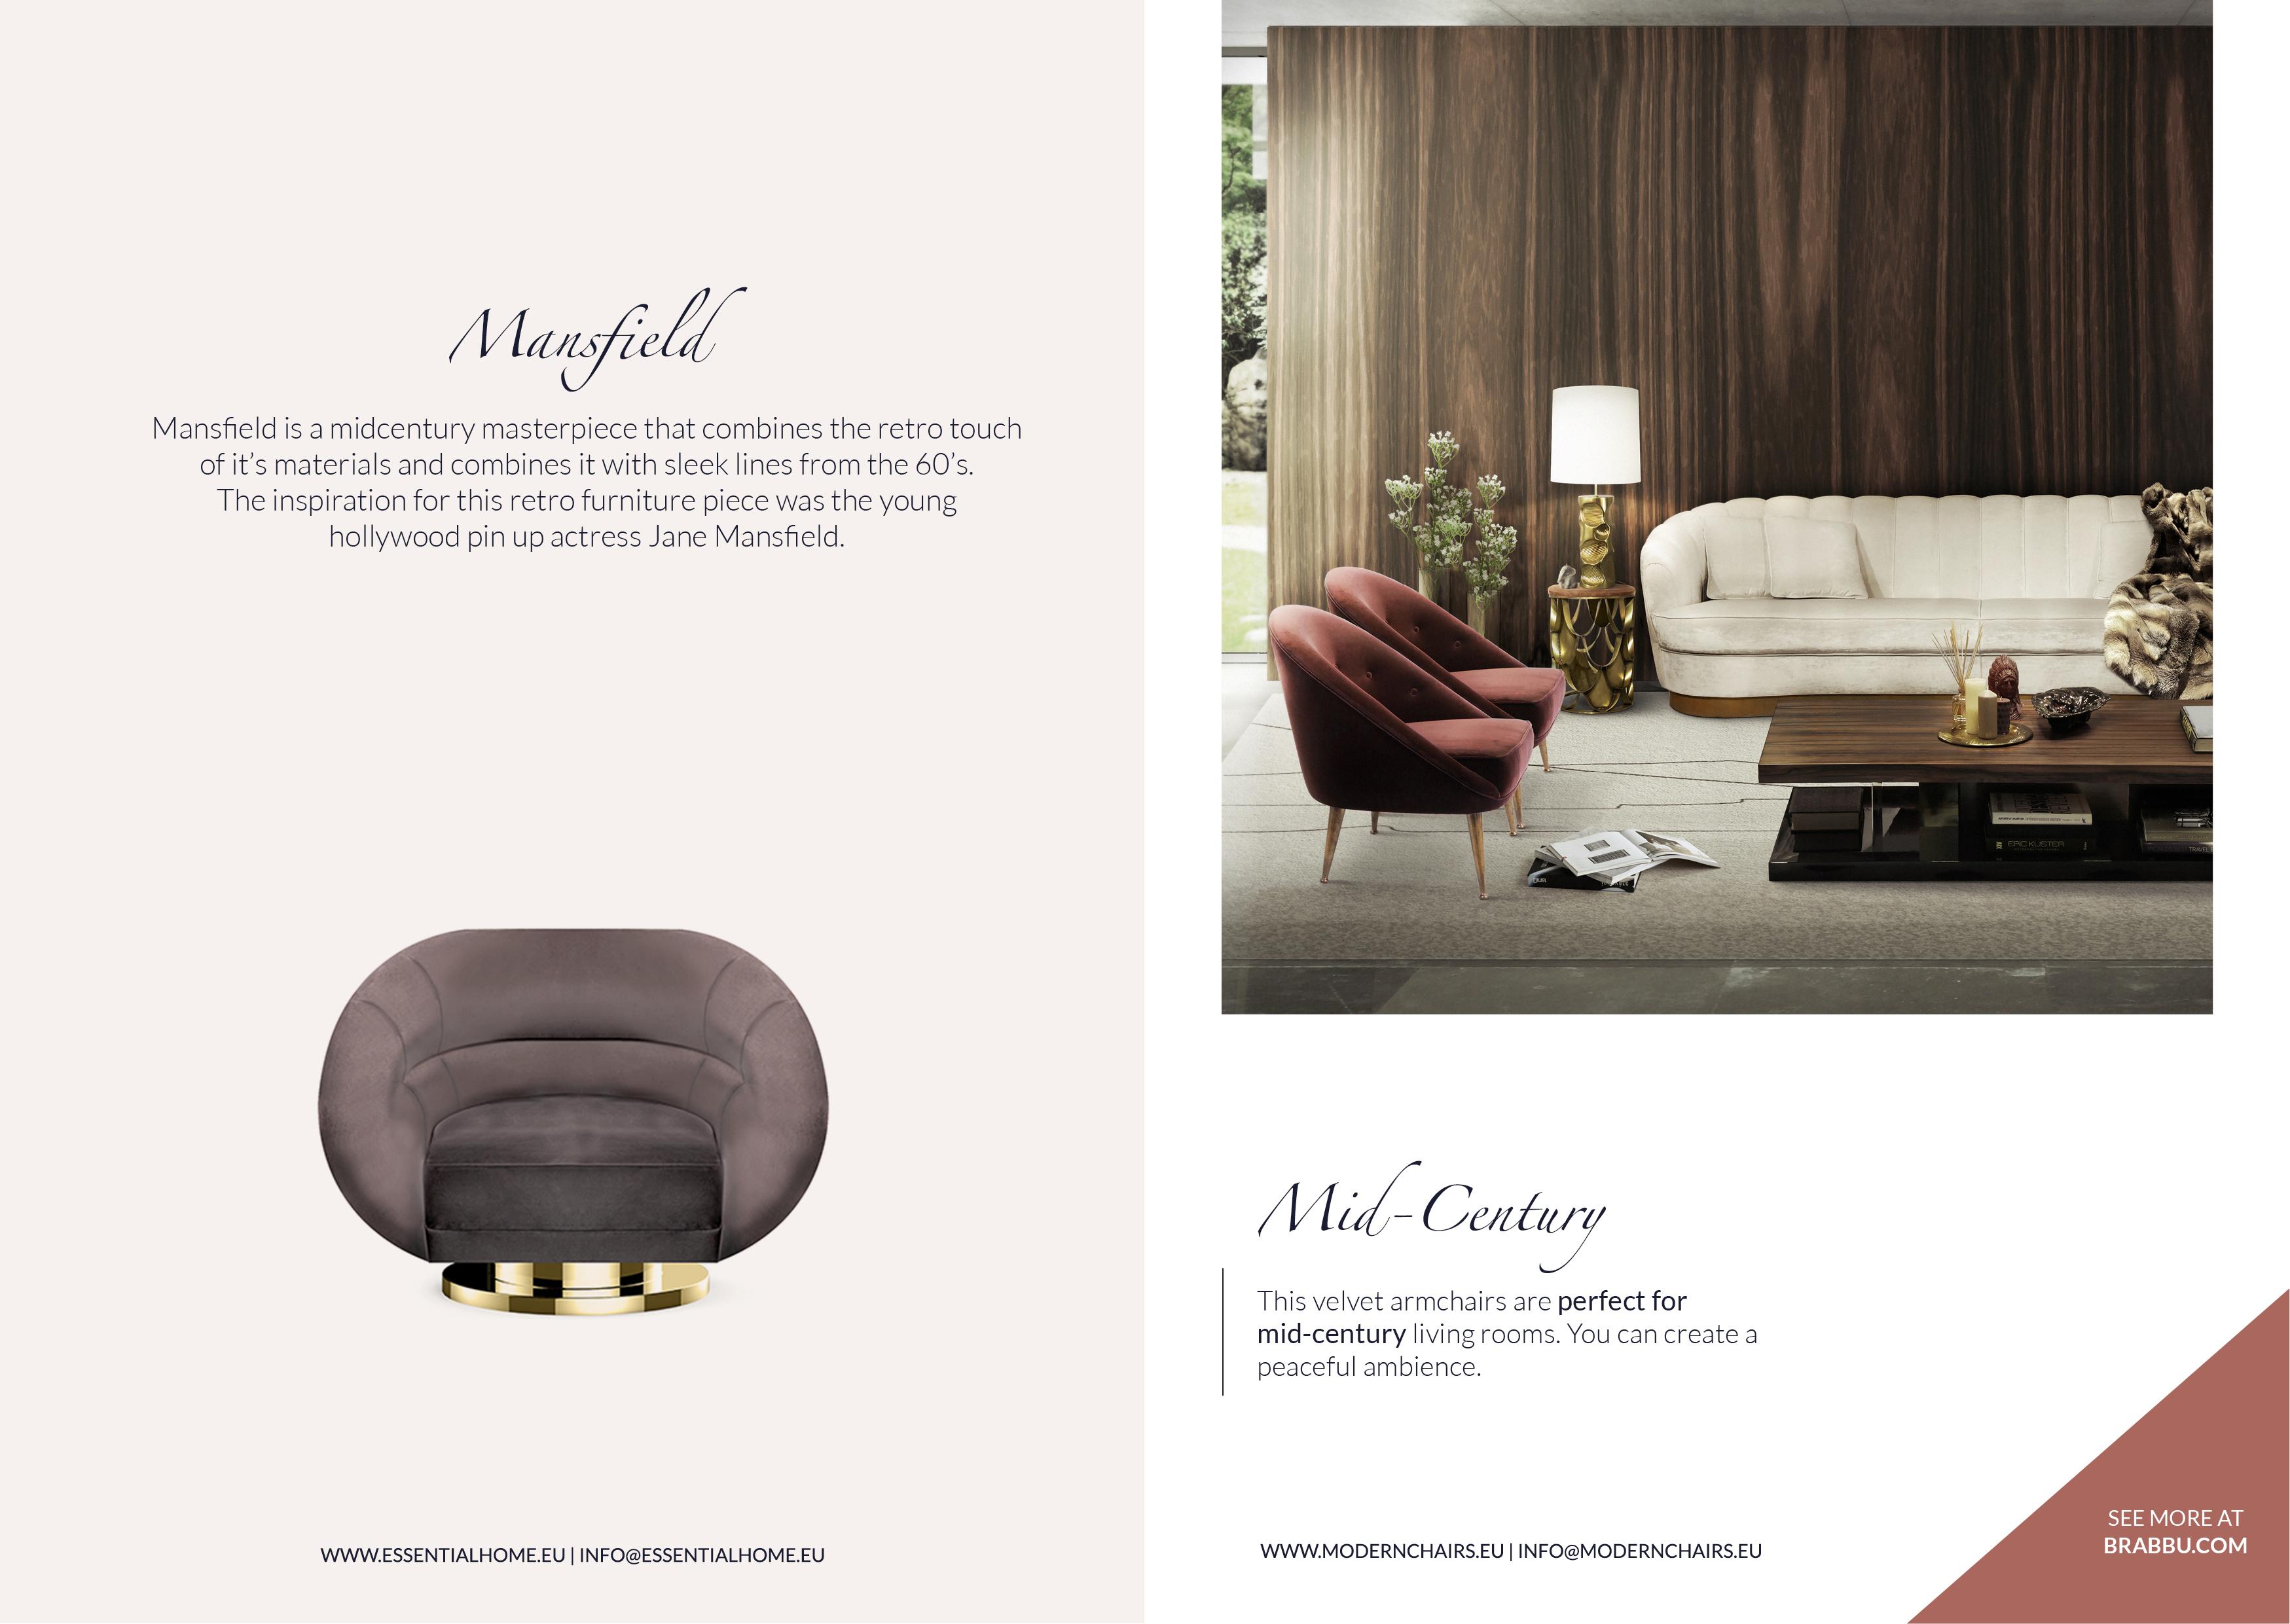 how to choose the right velvet chairs 4 velvet chairs How to choose the right velvet chairs – a luxury style ebook how to choose the right velvet chair 4